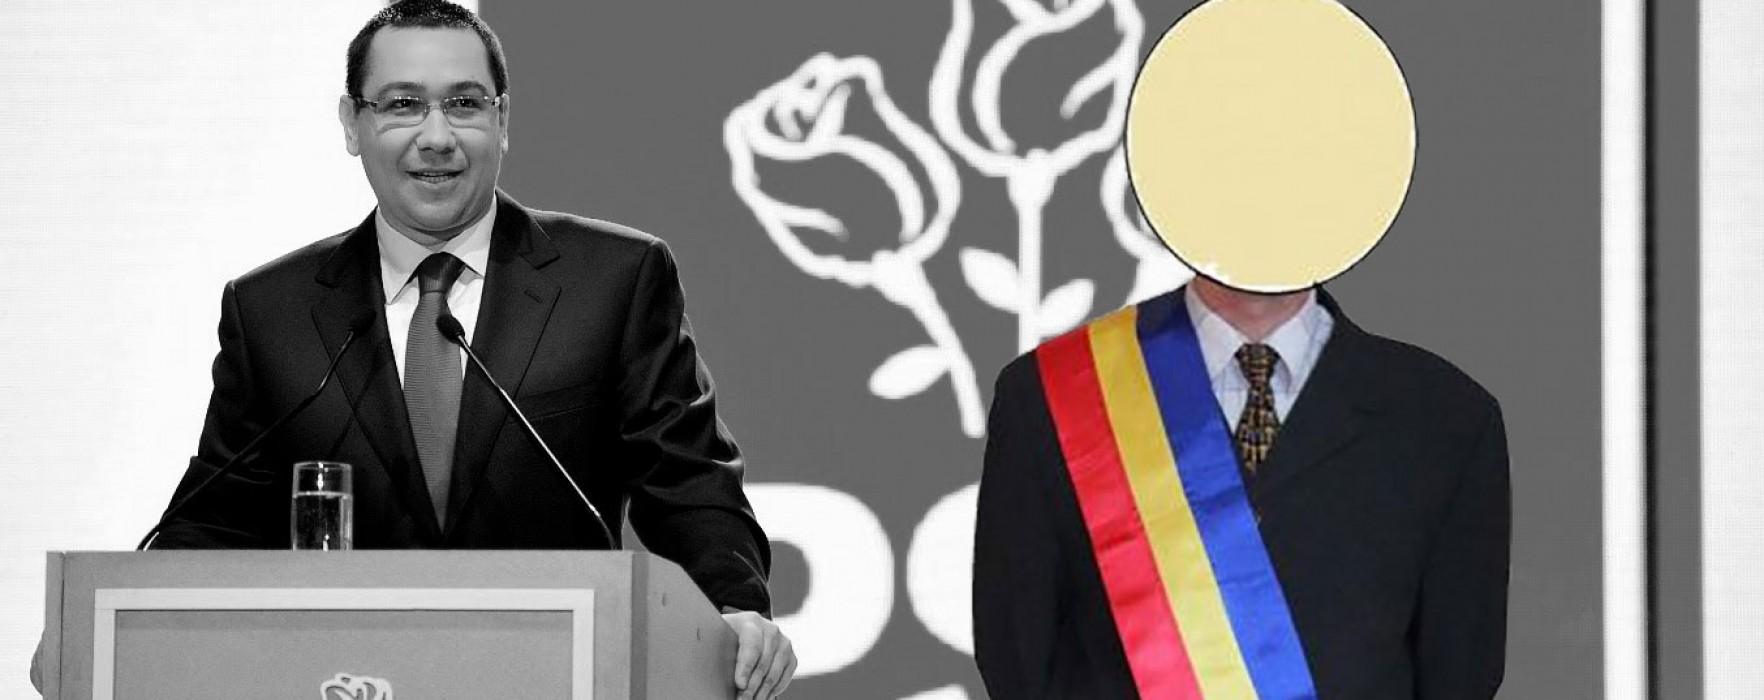 Dâmboviţa: Cele mai bune rezultate pentru Ponta, în localităţi cu primari PDL trecuţi la PSD